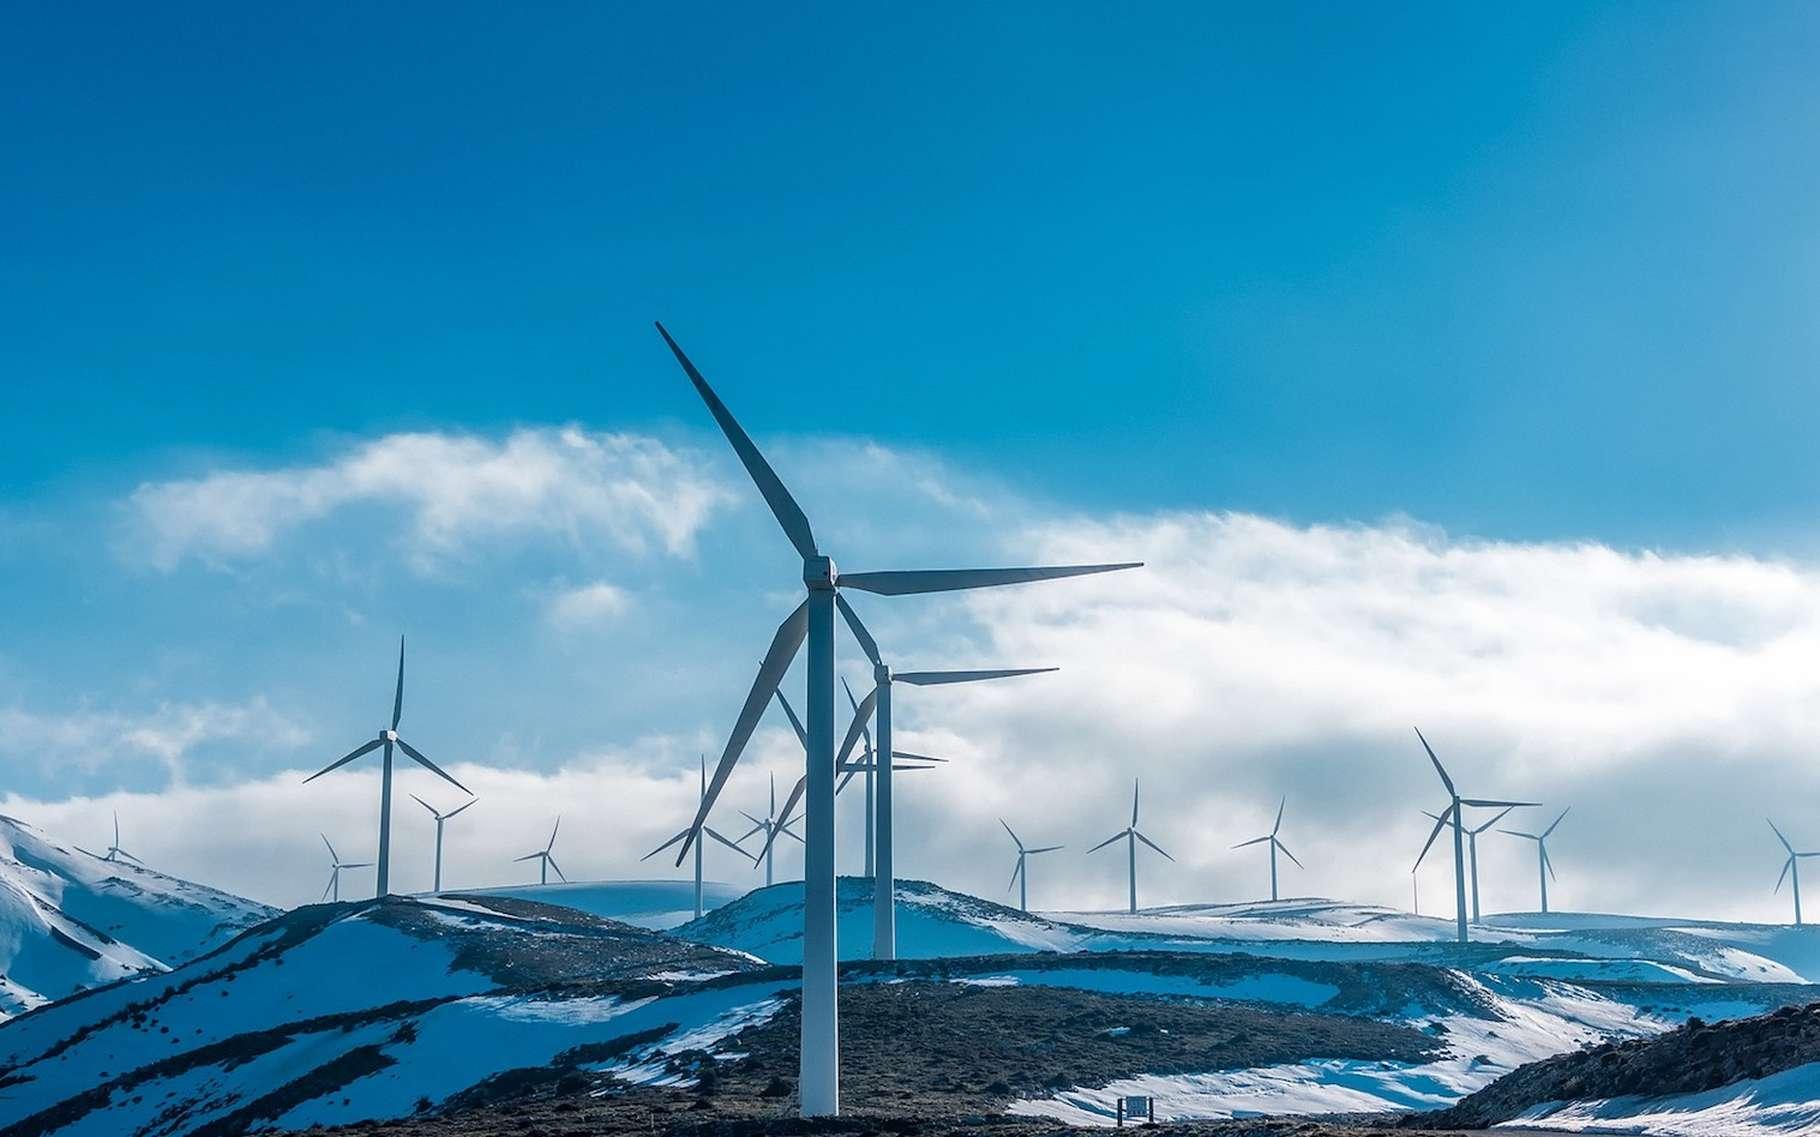 Tant que le Soleil sera là, il y aura du vent, source d'énergie renouvelable. © tpsdave, Pixabay, DP